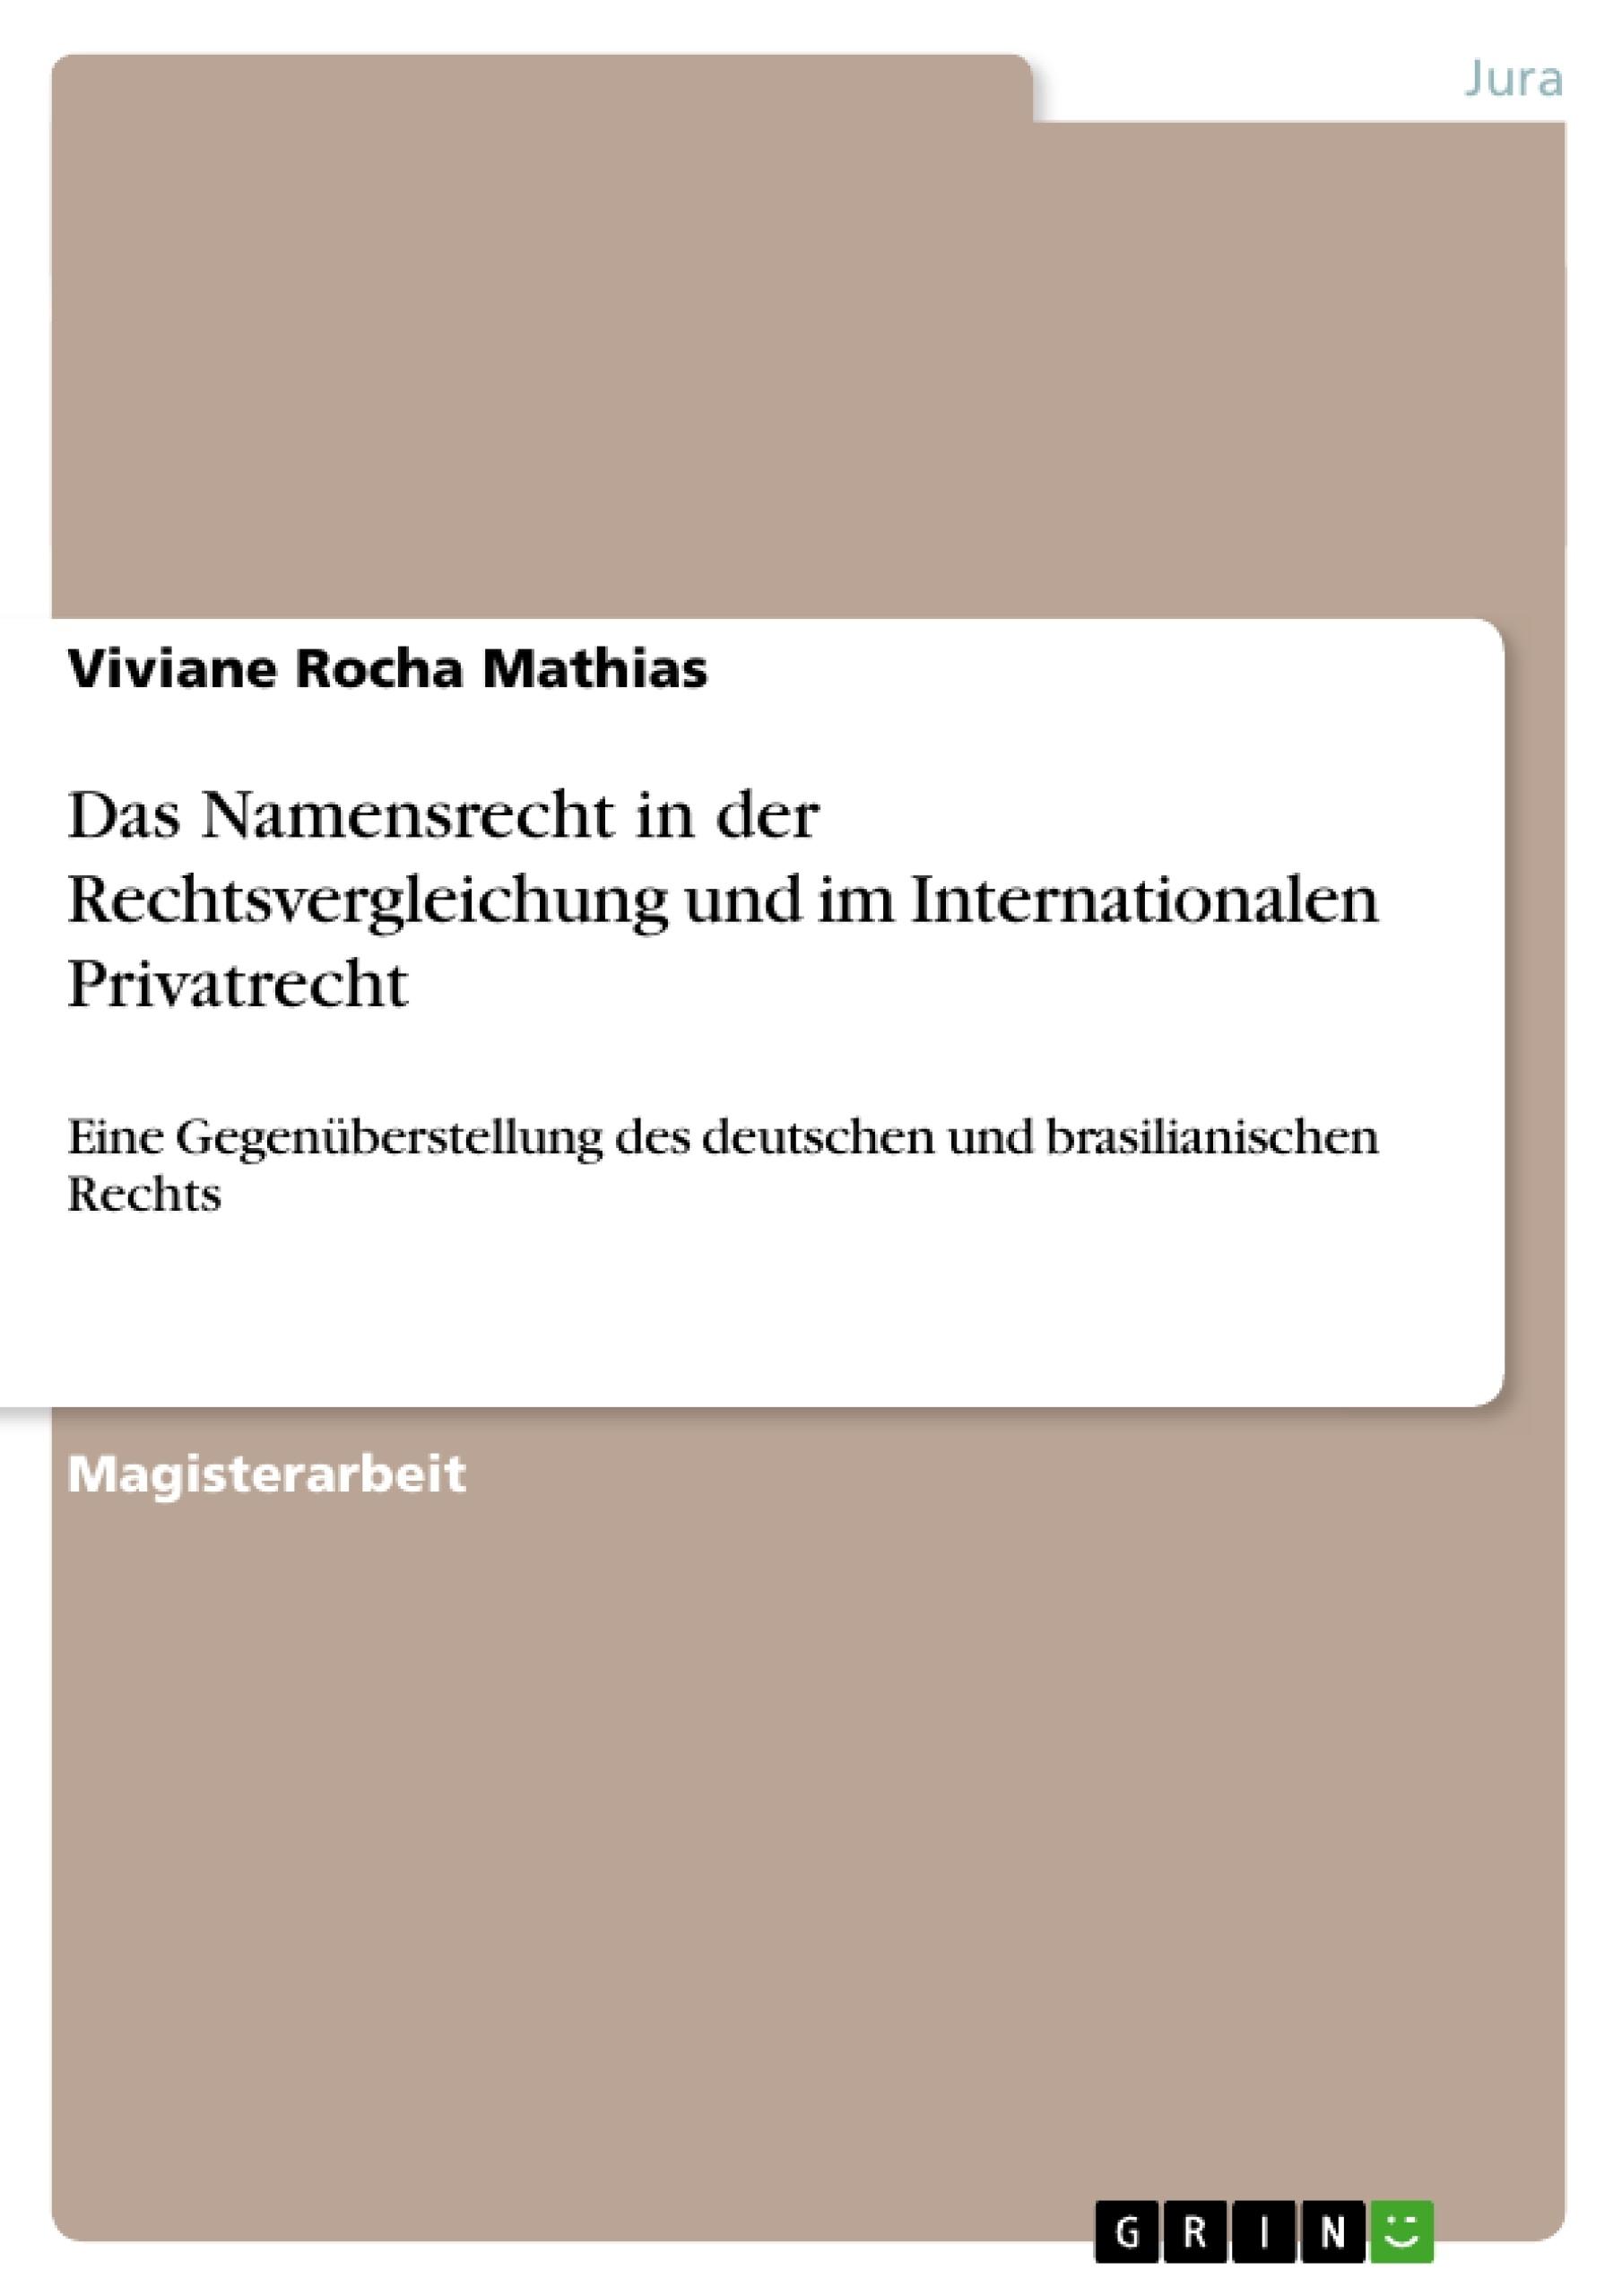 Titel: Das Namensrecht in der Rechtsvergleichung und im Internationalen Privatrecht